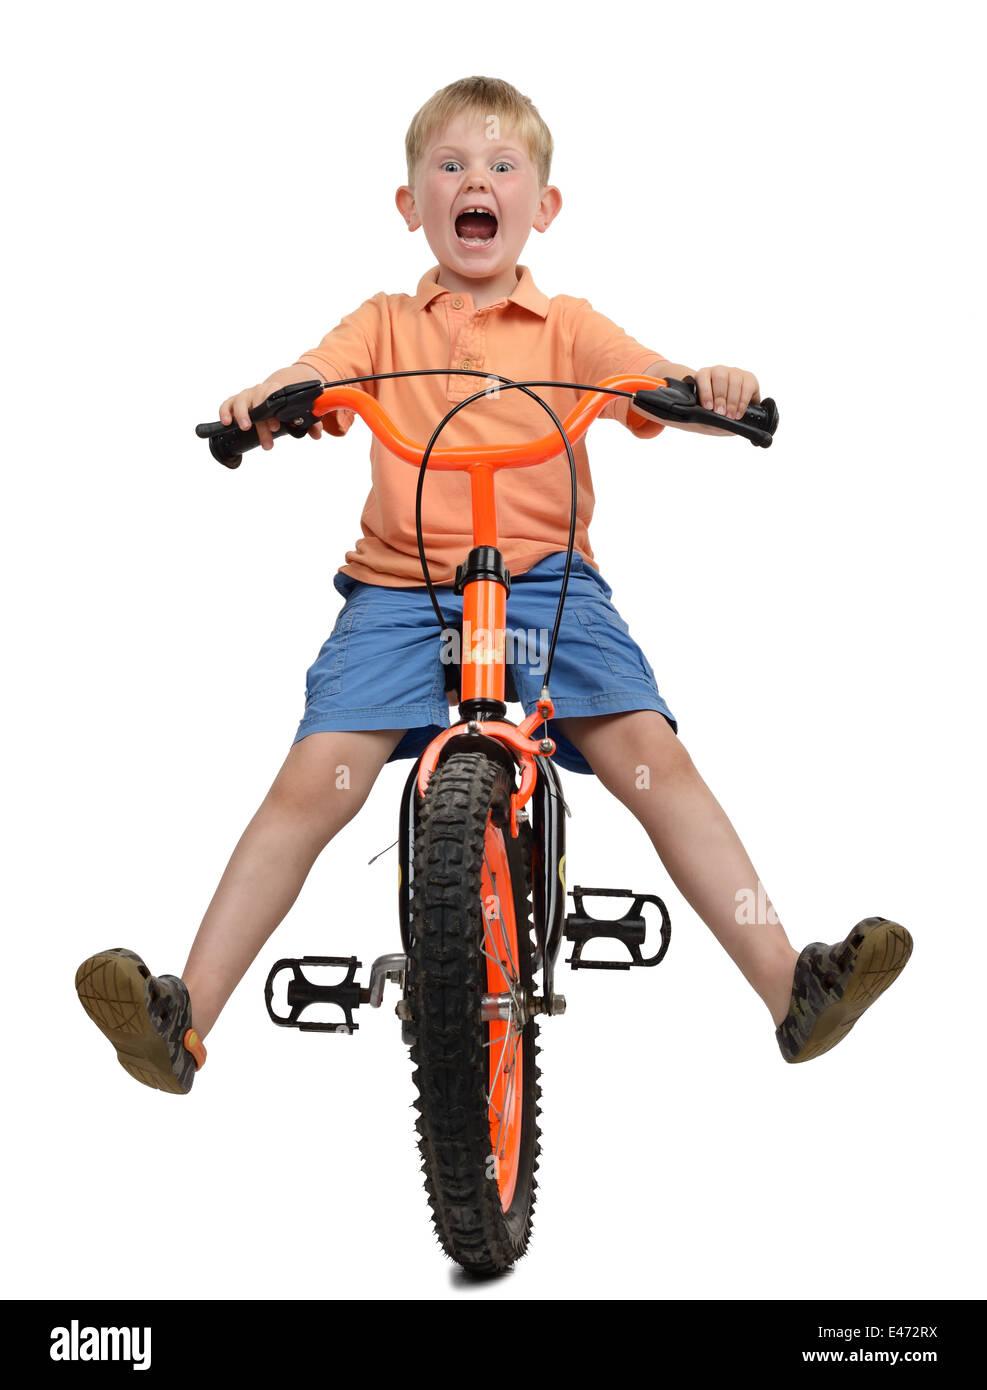 kleiner Junge über den Absturz mit einem Angst Ausdruck auf seinem Gesicht, Isolaed auf weißem Hintergrund Stockbild